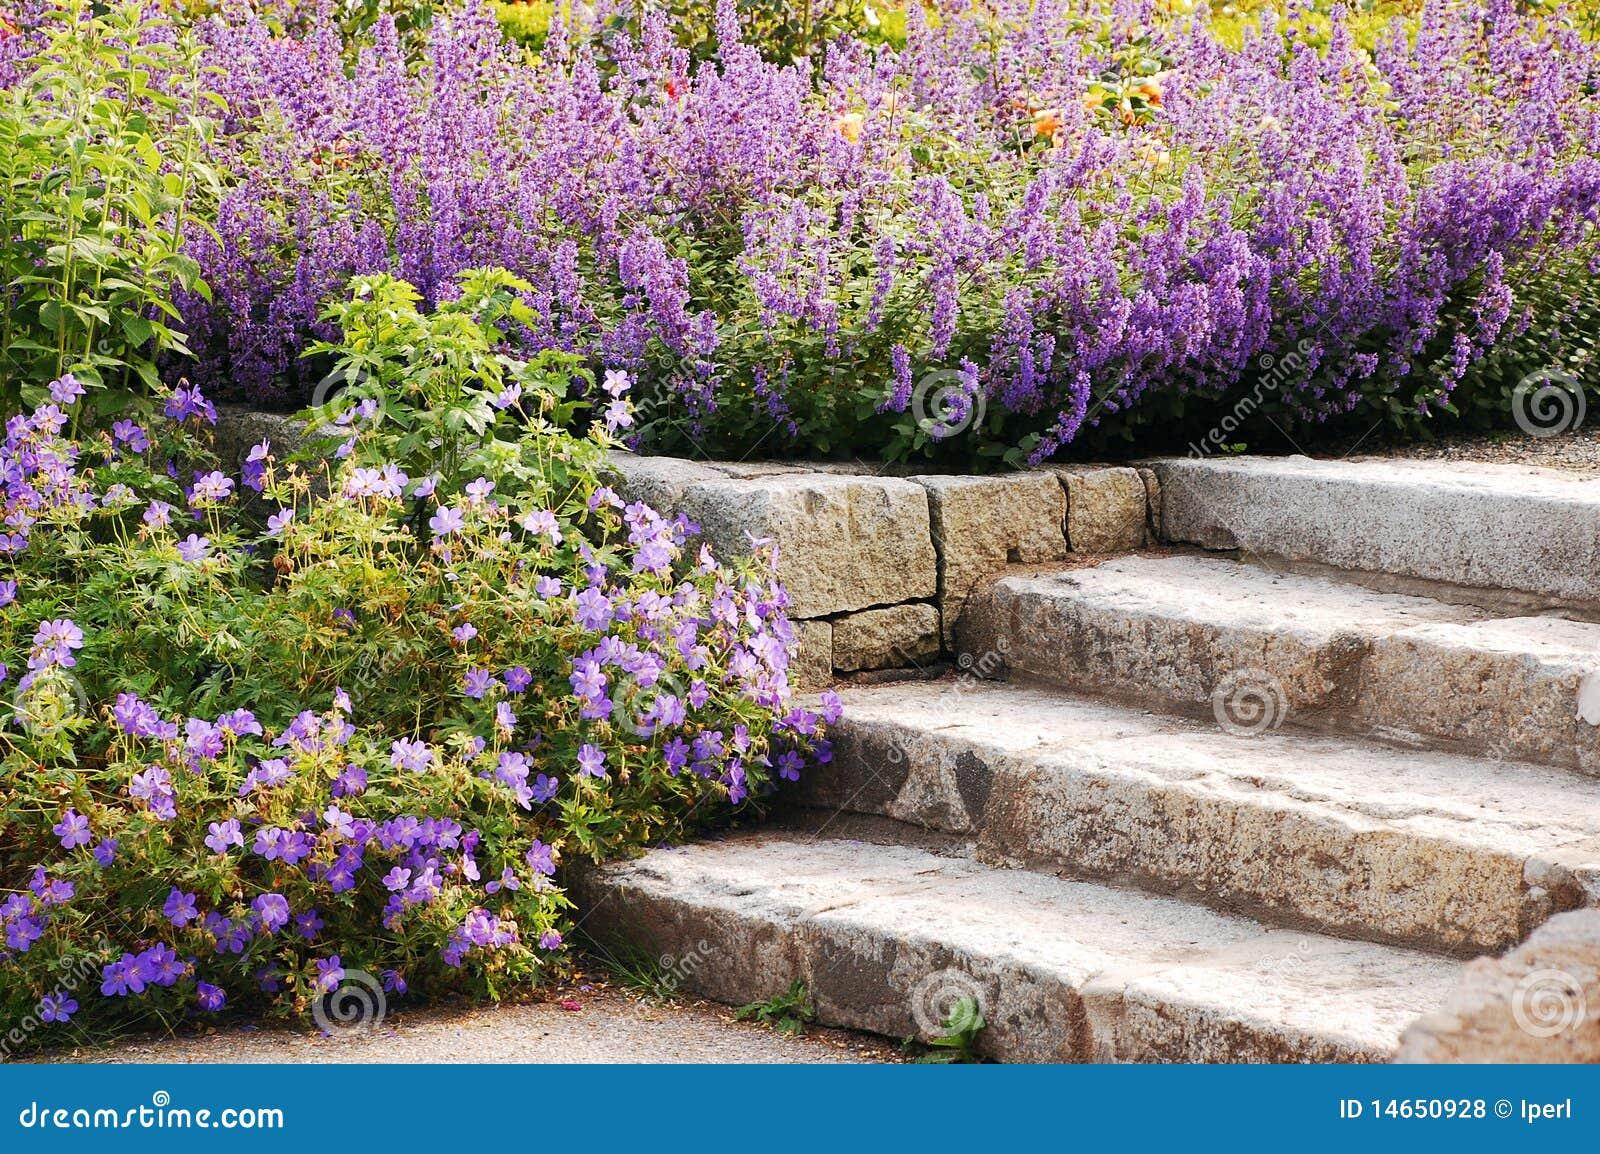 Escaleras del jard n foto de archivo imagen de colorido for Escaleras para caminar fuera del jardin